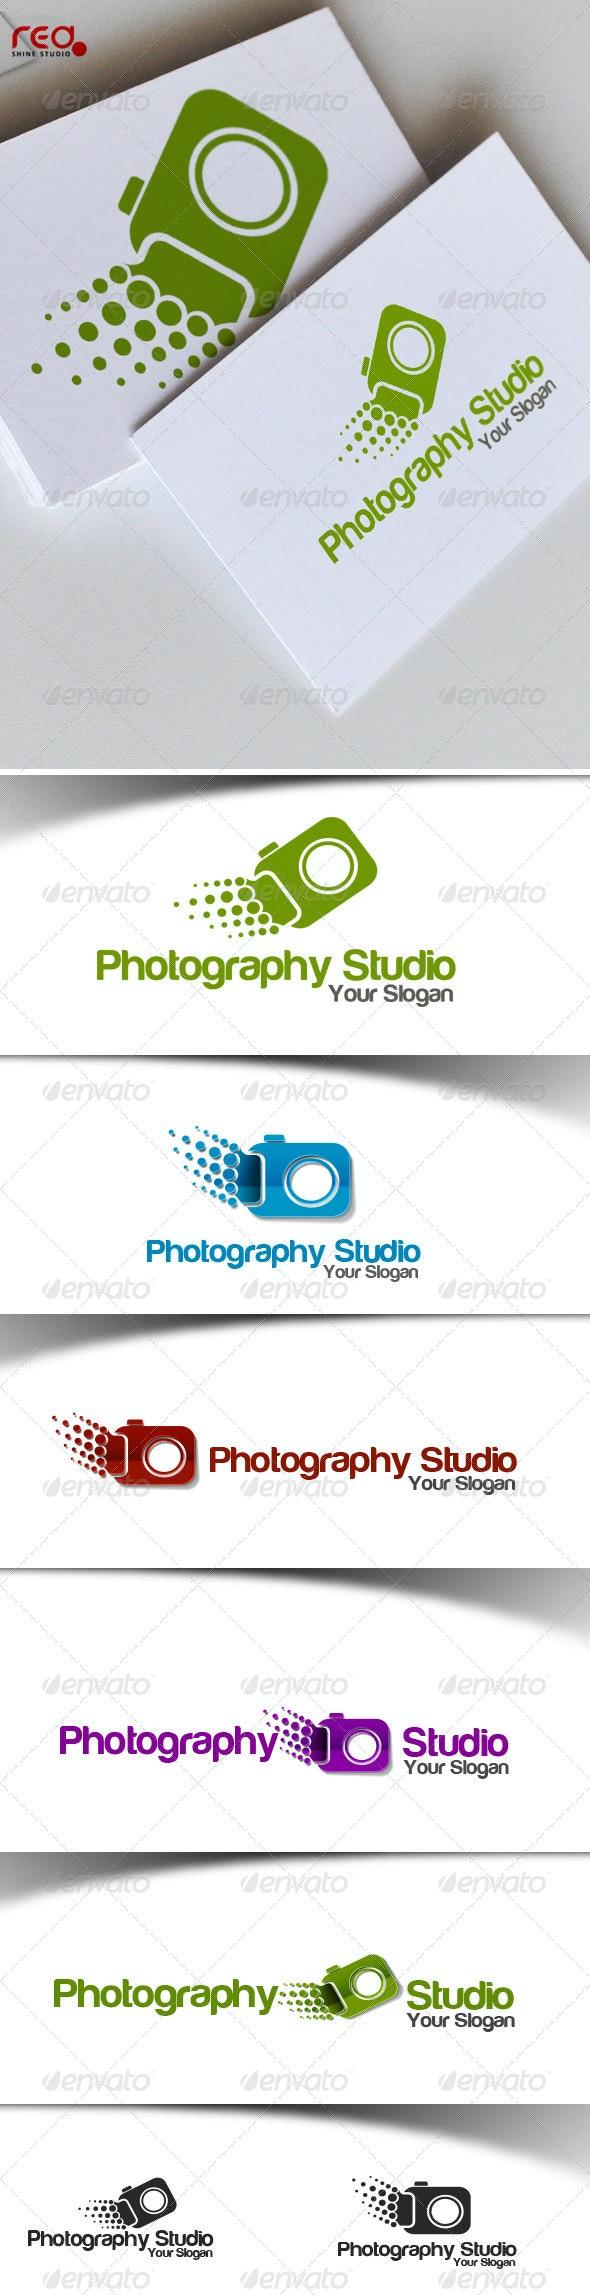 Photography Studio Logo - Vector Abstract